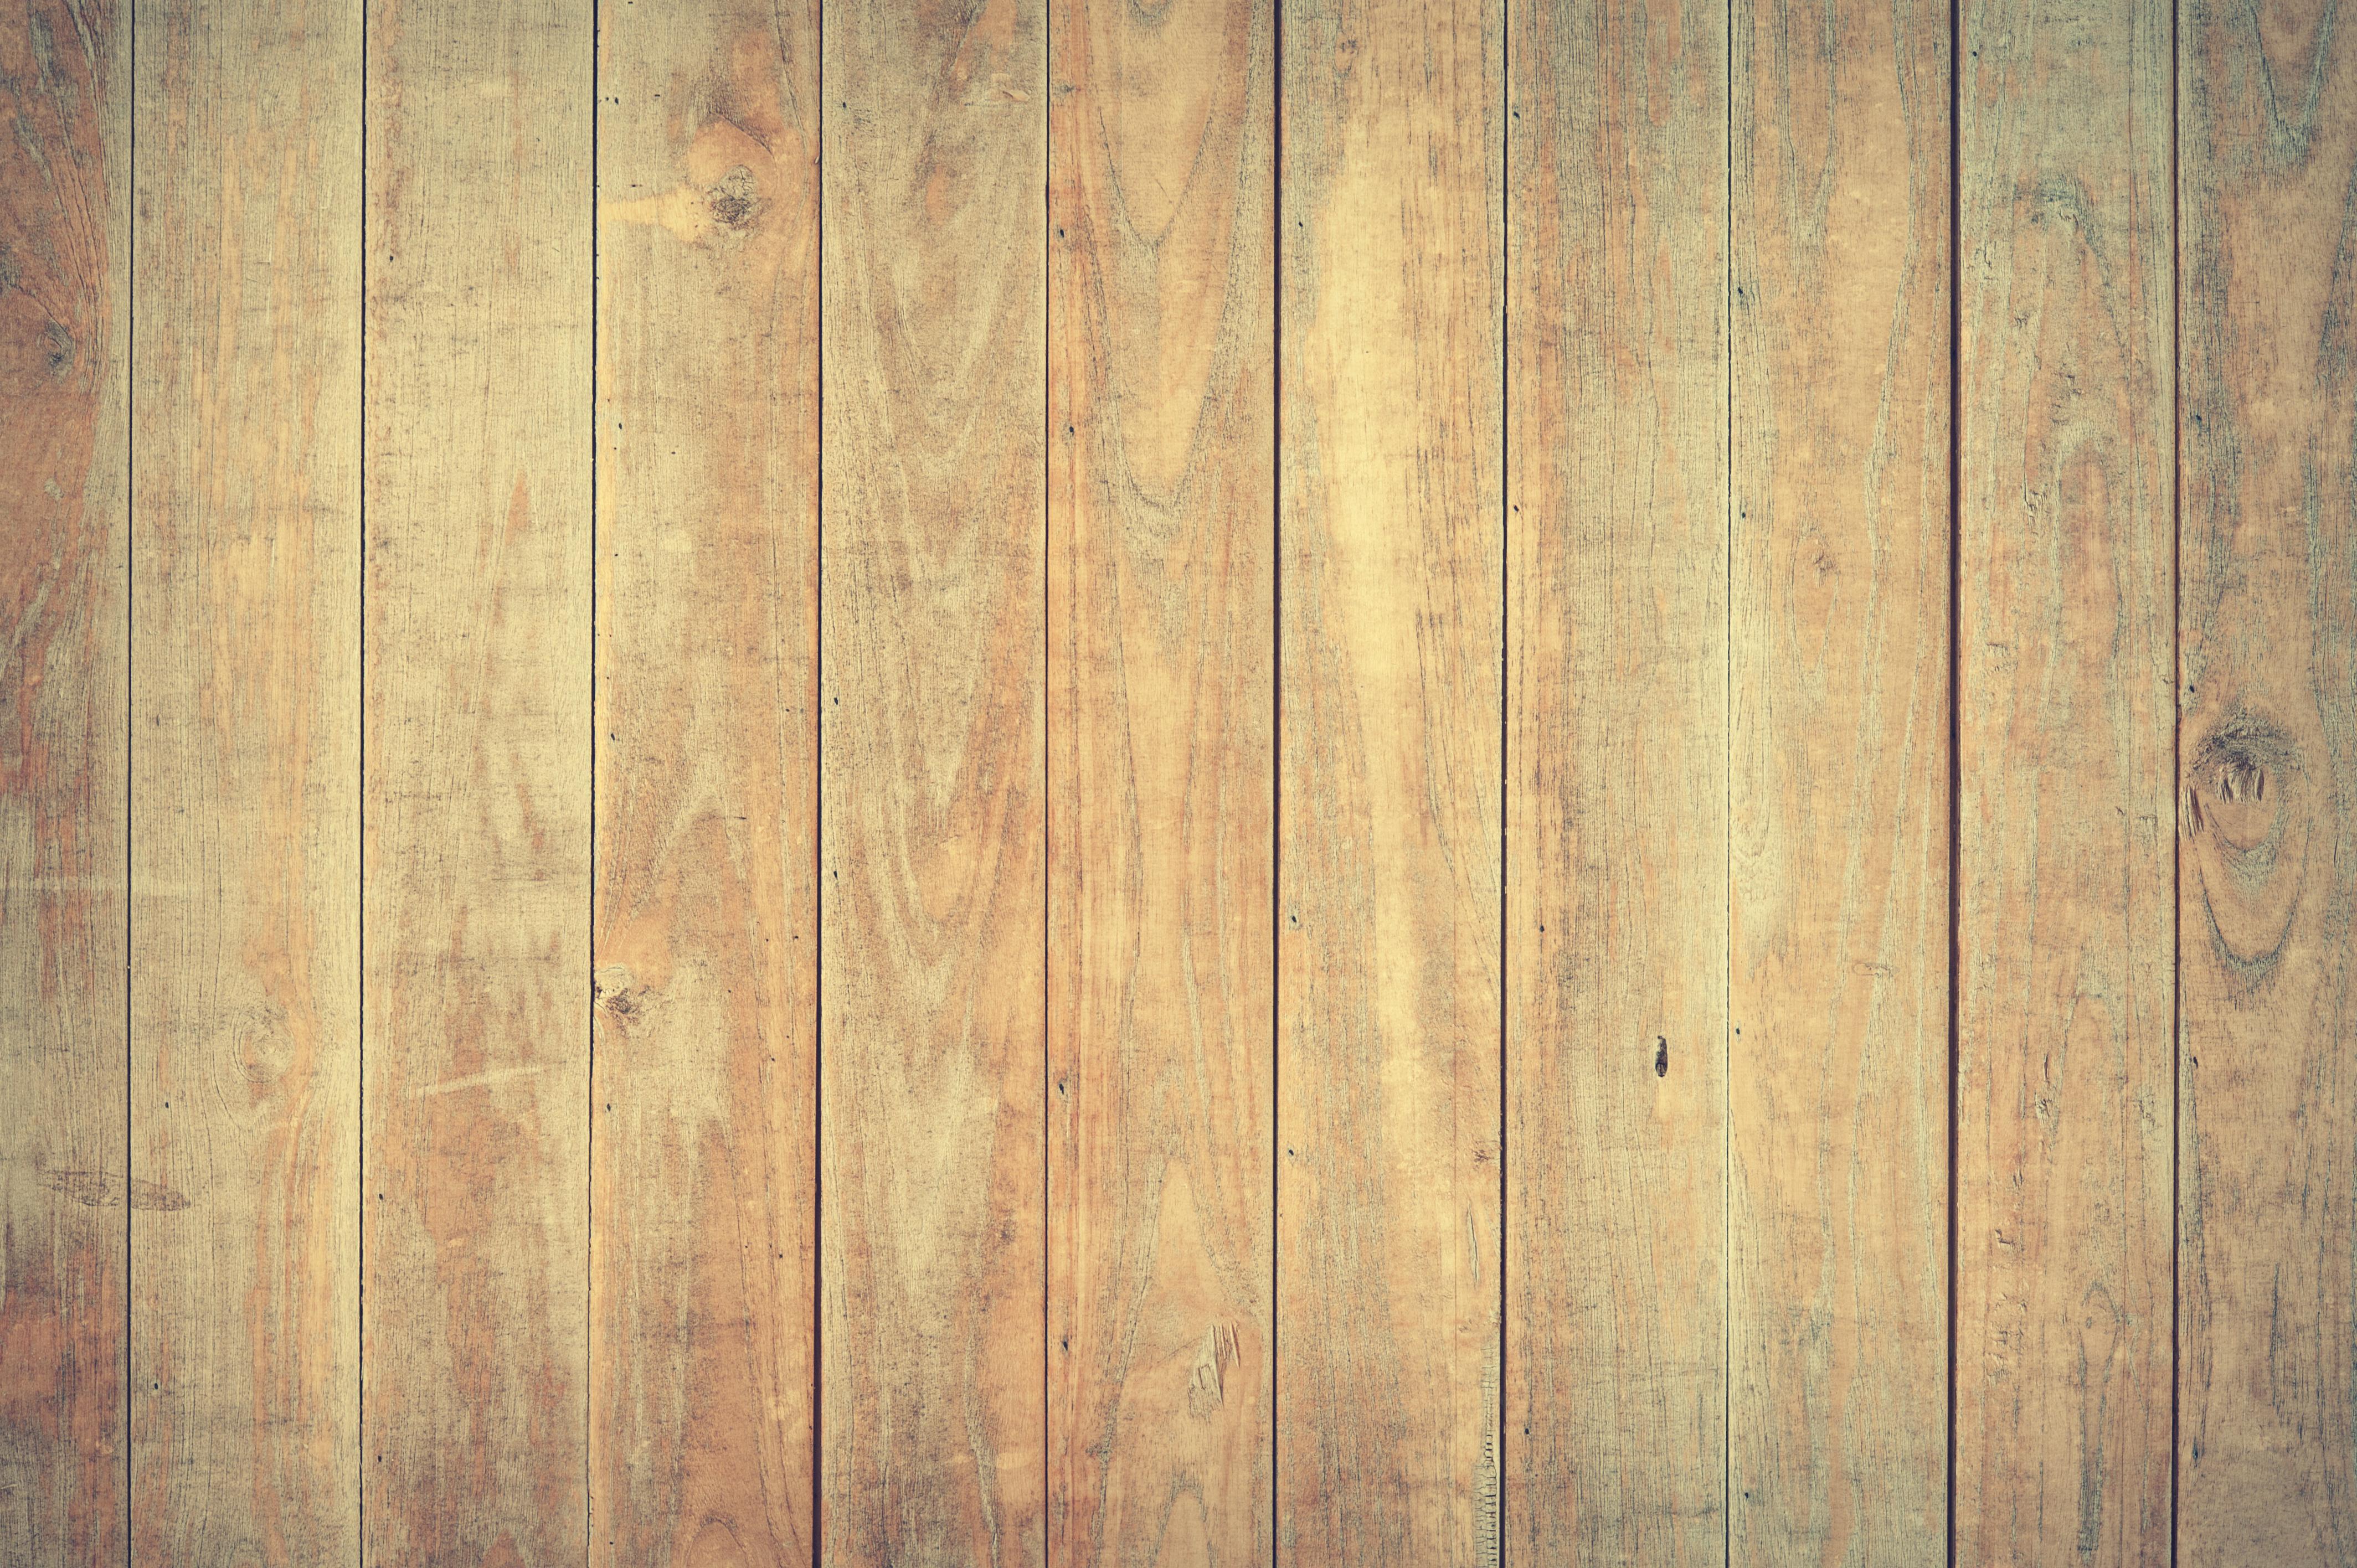 Kostenloses Foto Zum Thema Hartholz Holz Holzbretter